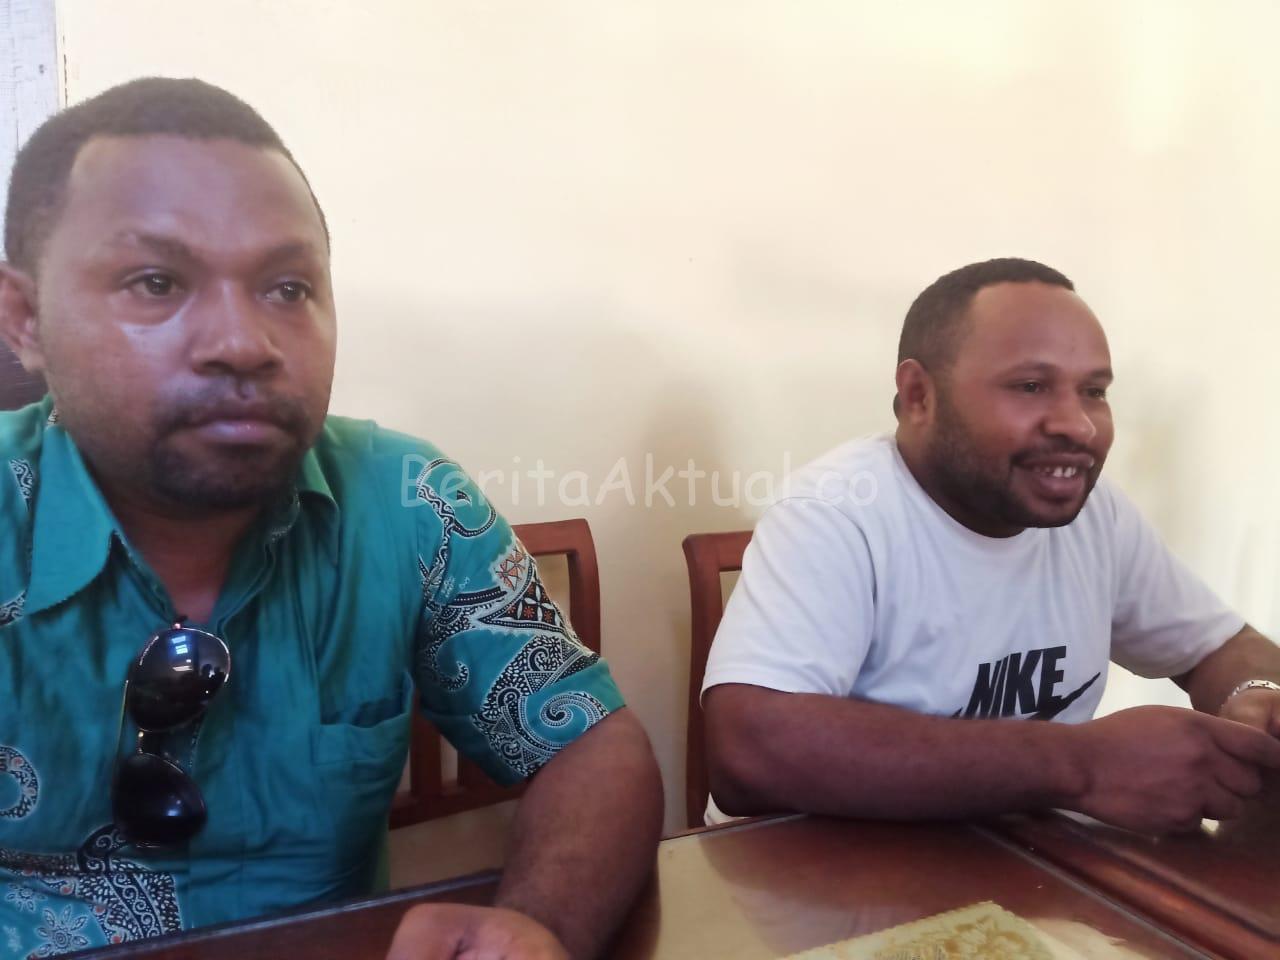 Pemuda Papua Barat: Jangan Kriminalisasikan Gubernur Kami 1 IMG 20200530 WA0071